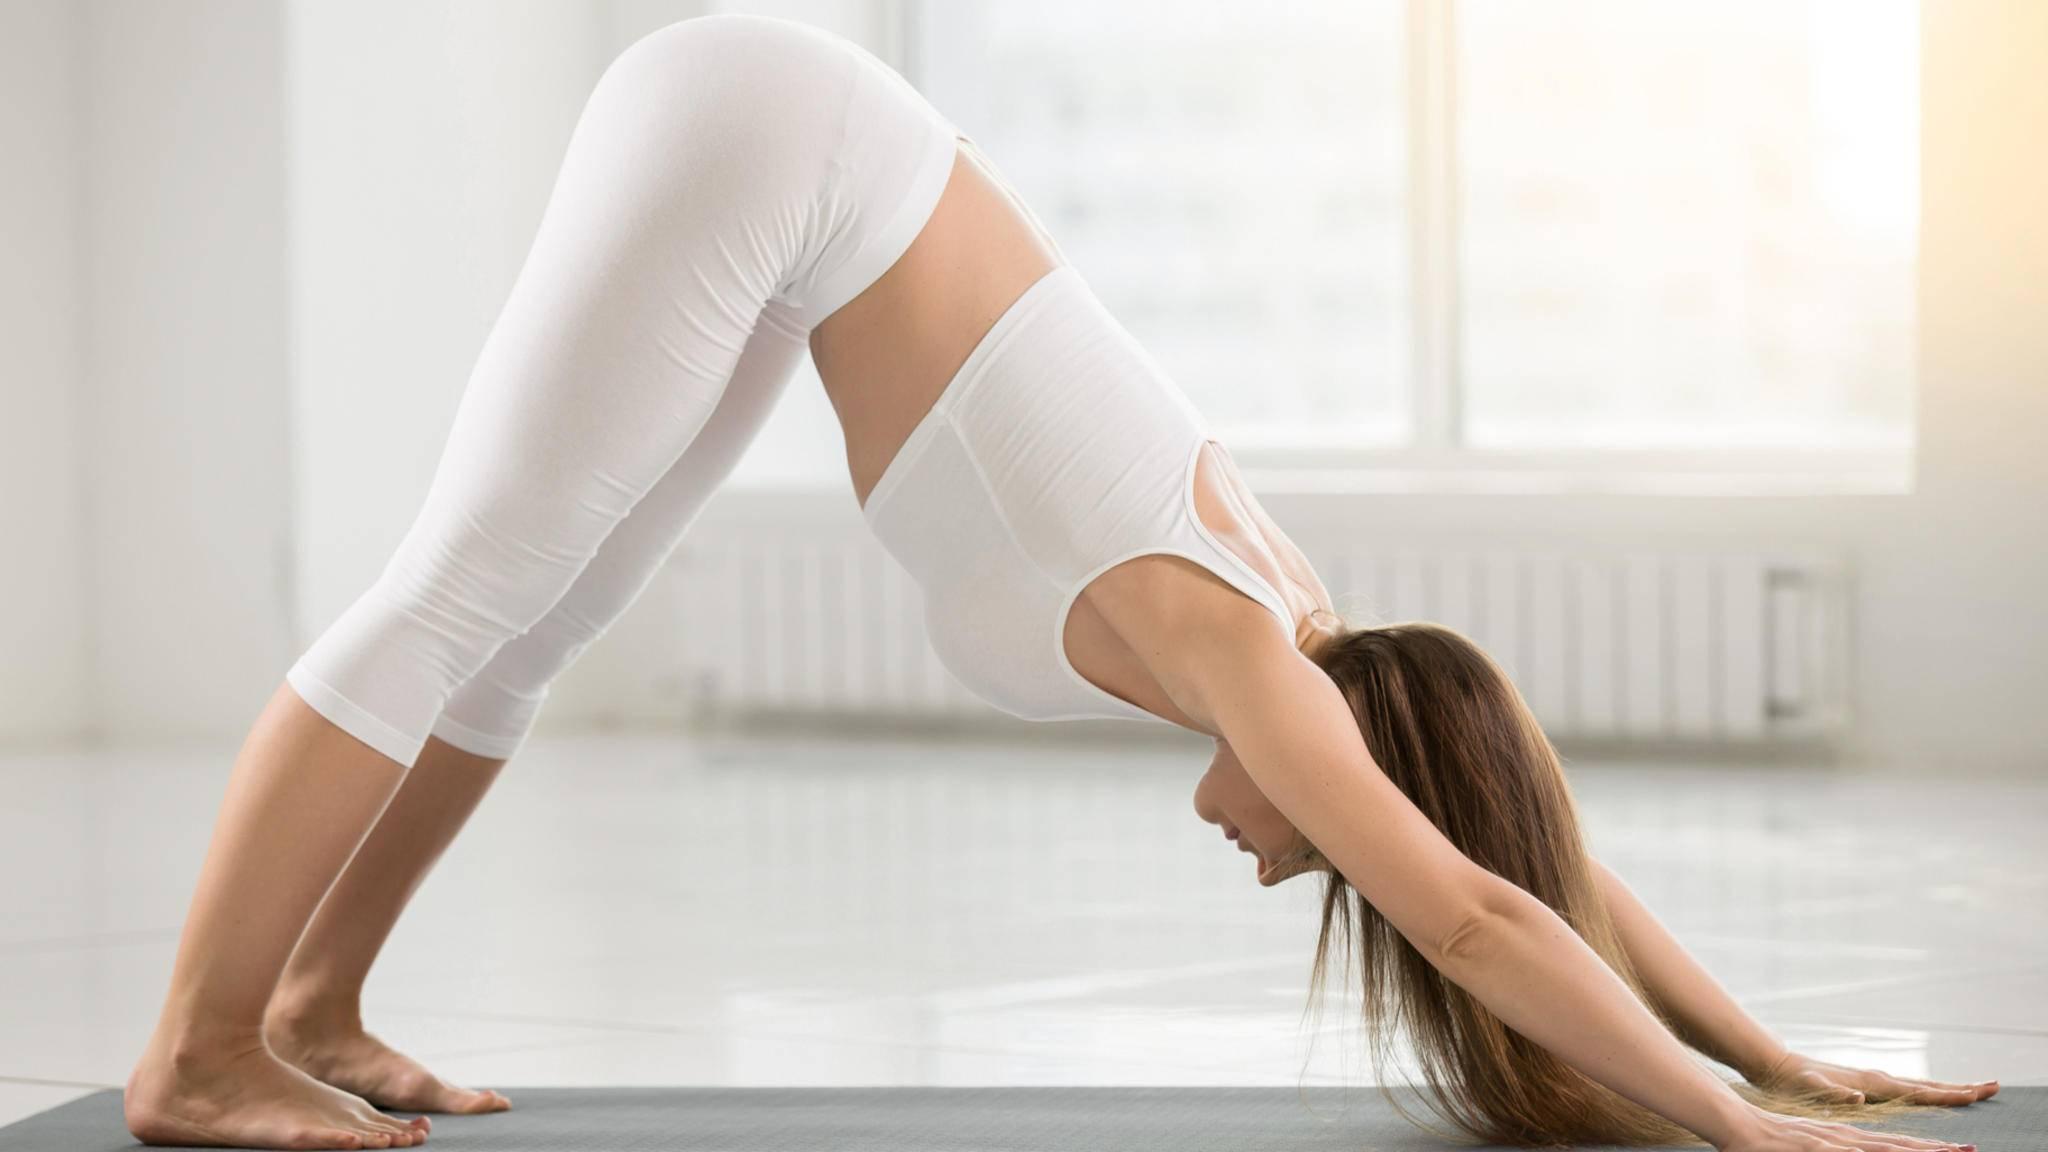 Der herabschauende Hund ist nur eine Yogapose, die bei Rückenschmerzen helfen kann.